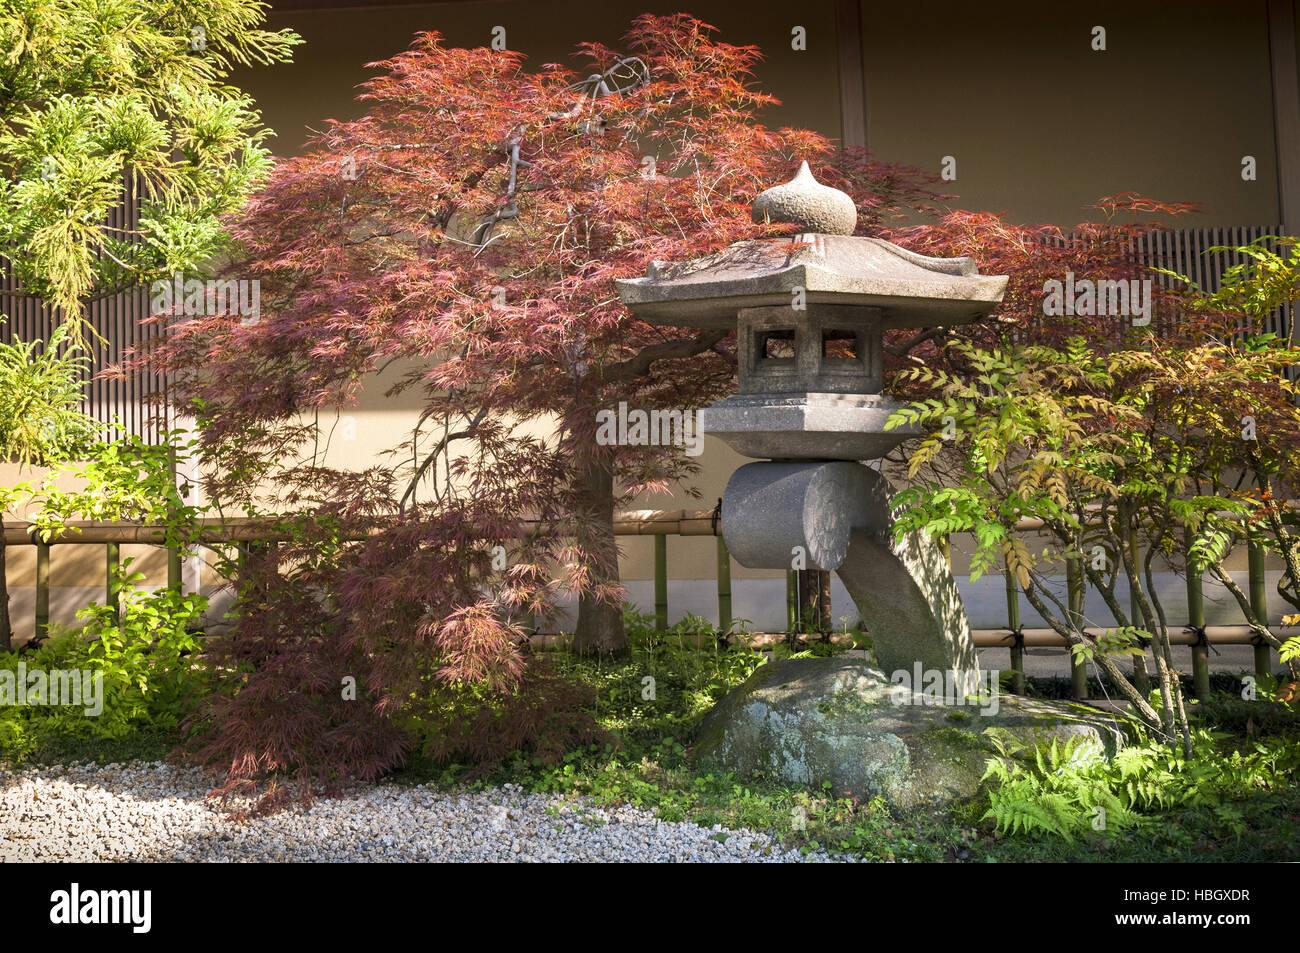 Japanese Garden Fence Stock Photos & Japanese Garden Fence Stock ...